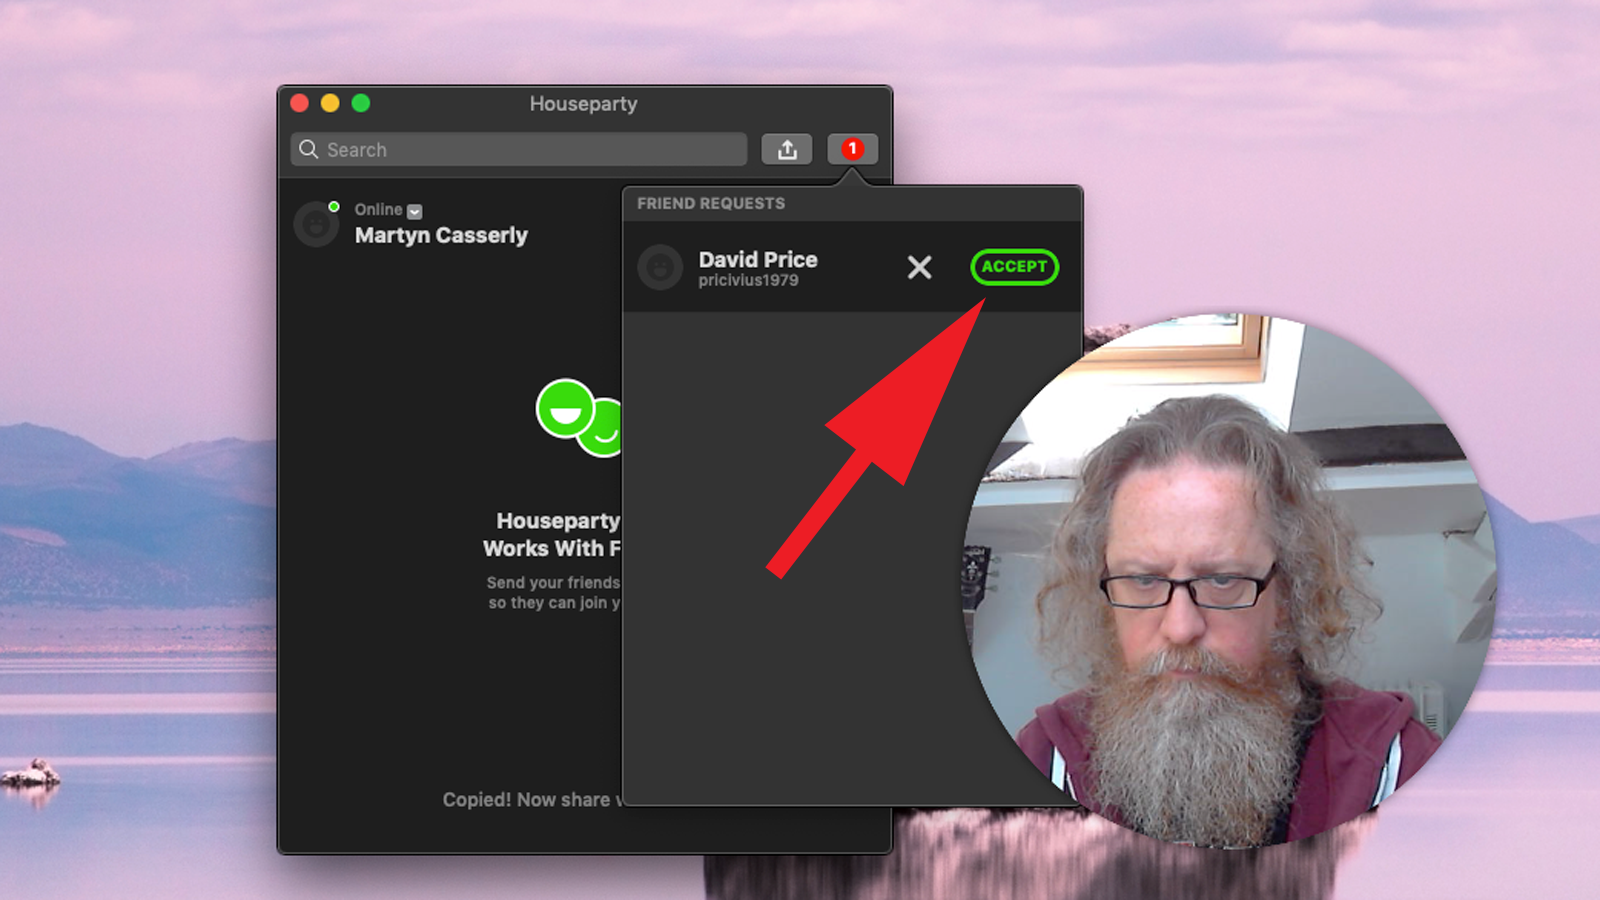 Cómo configurar y usar Houseparty en Mac: Aceptar solicitudes de amigos